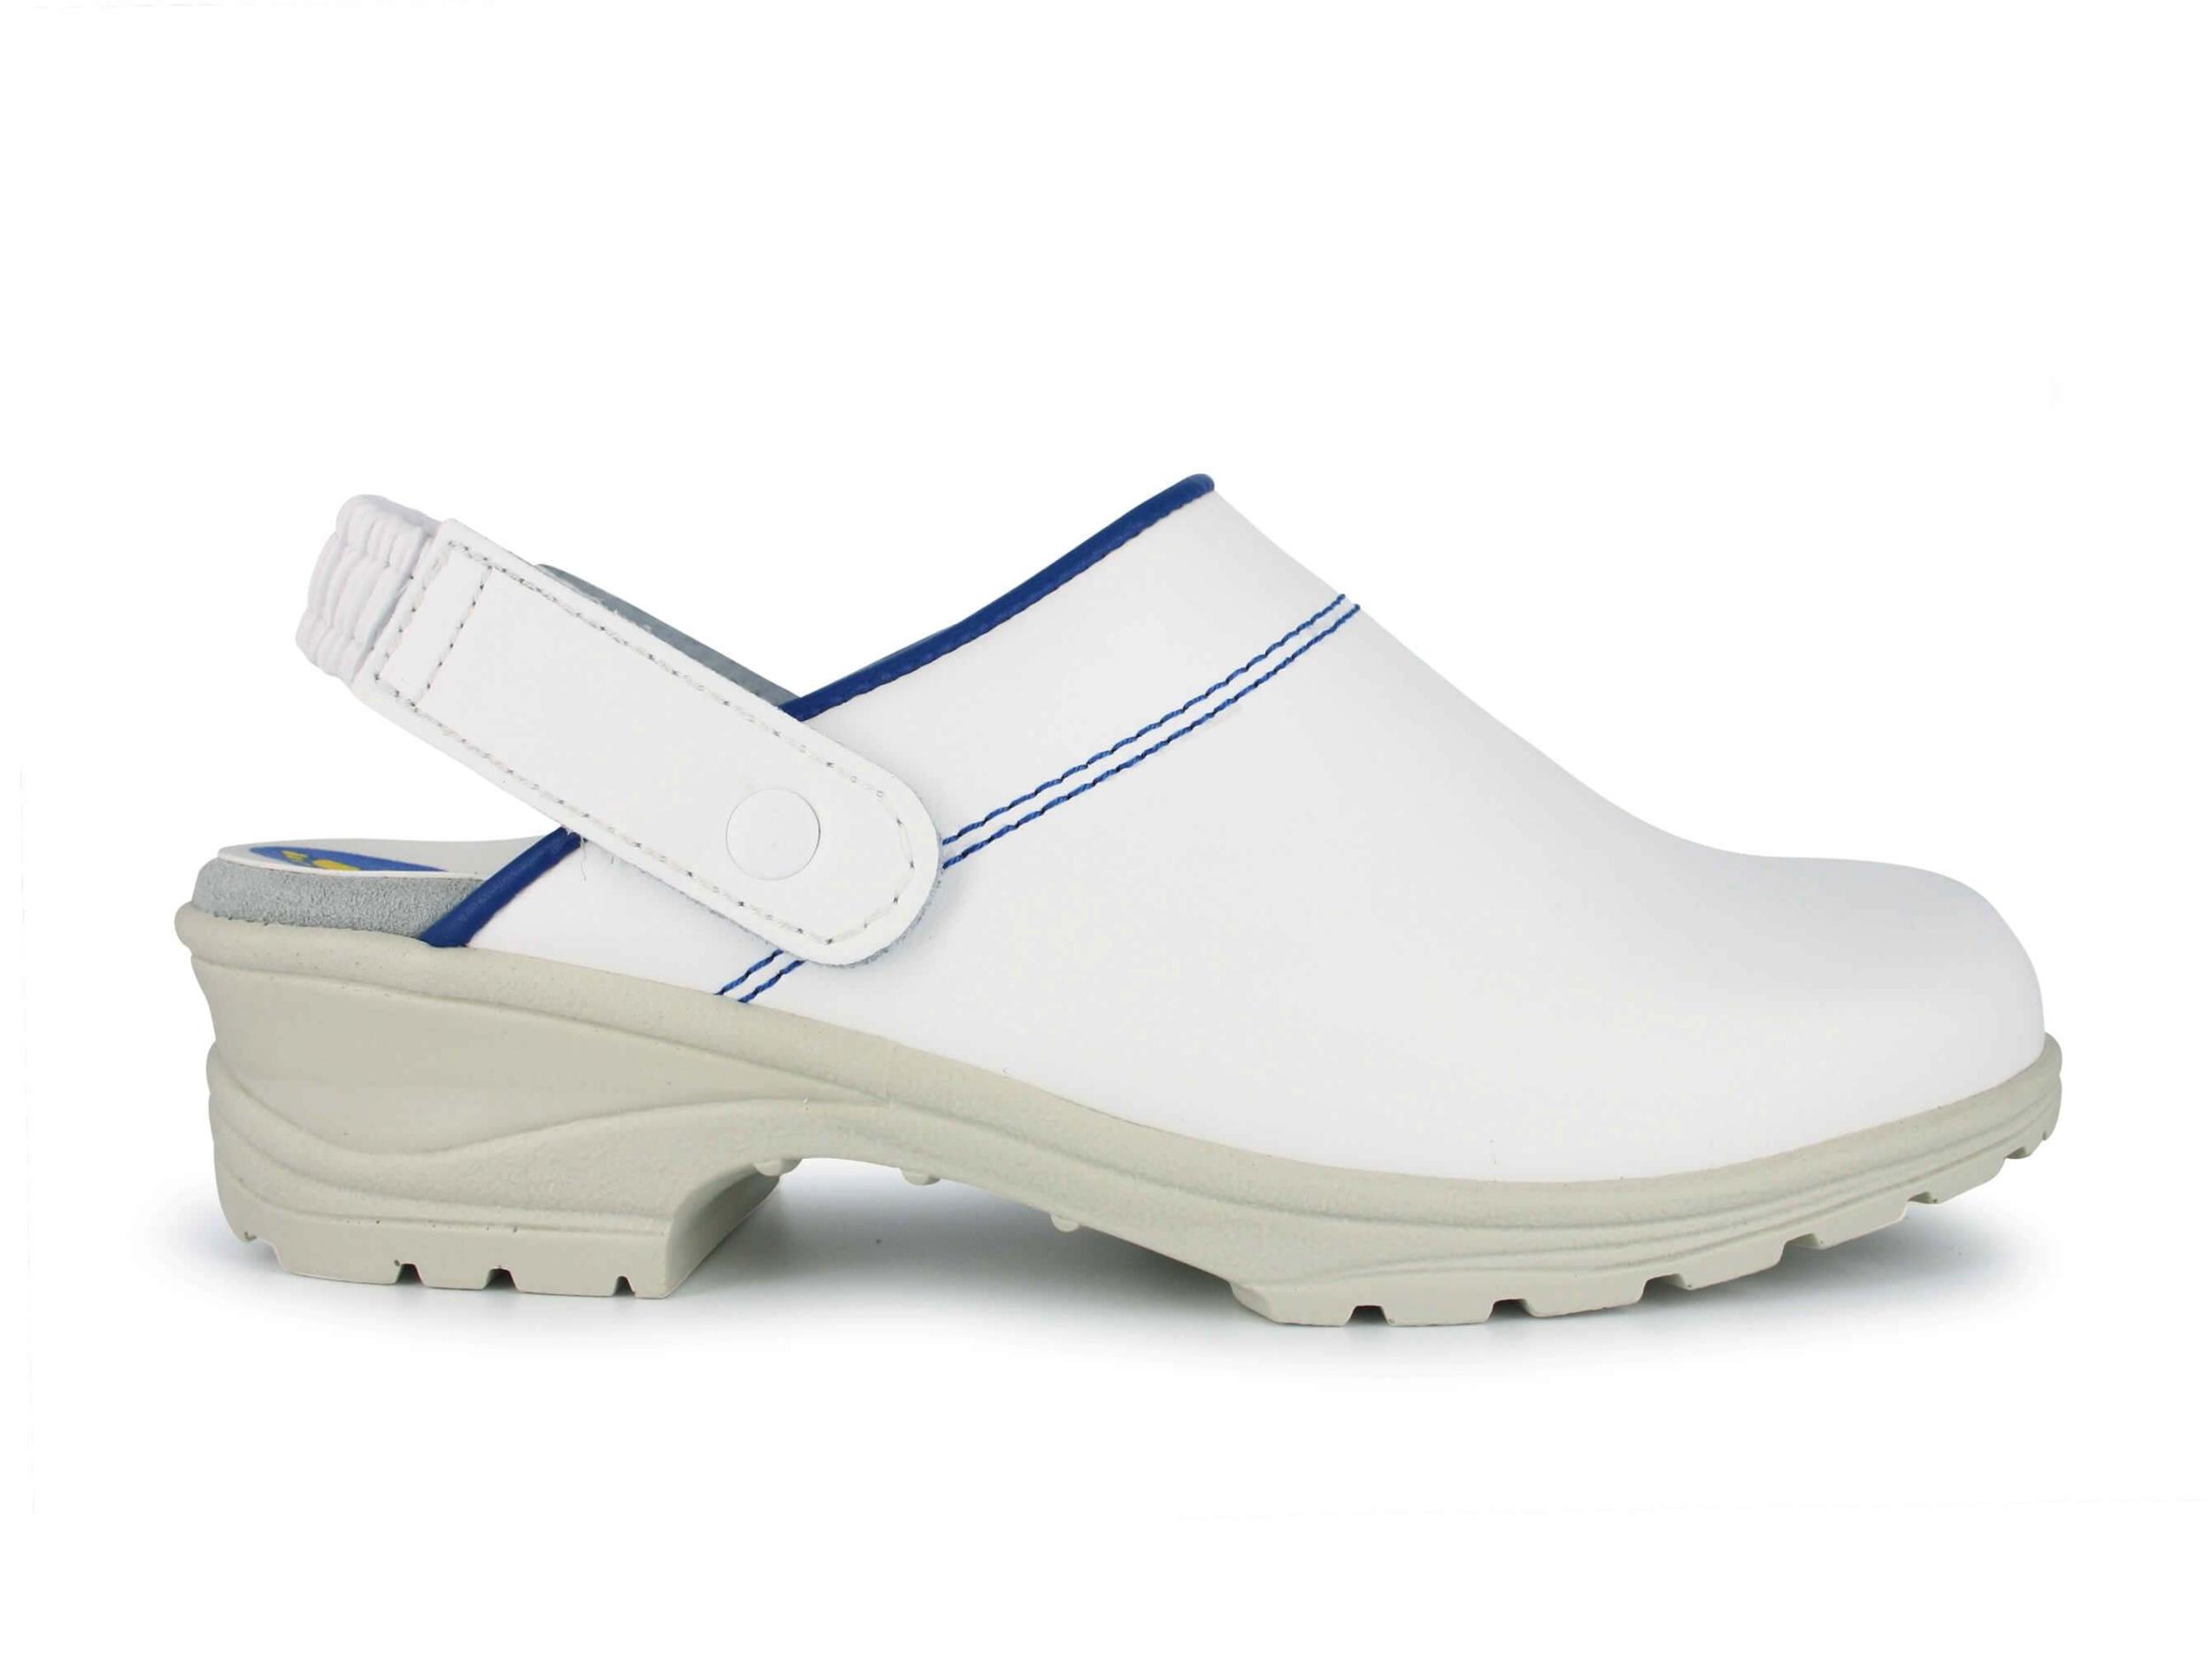 Chaussures Hopital et Sabot médical pas chers -Mylookpro 002f3dc4ec36